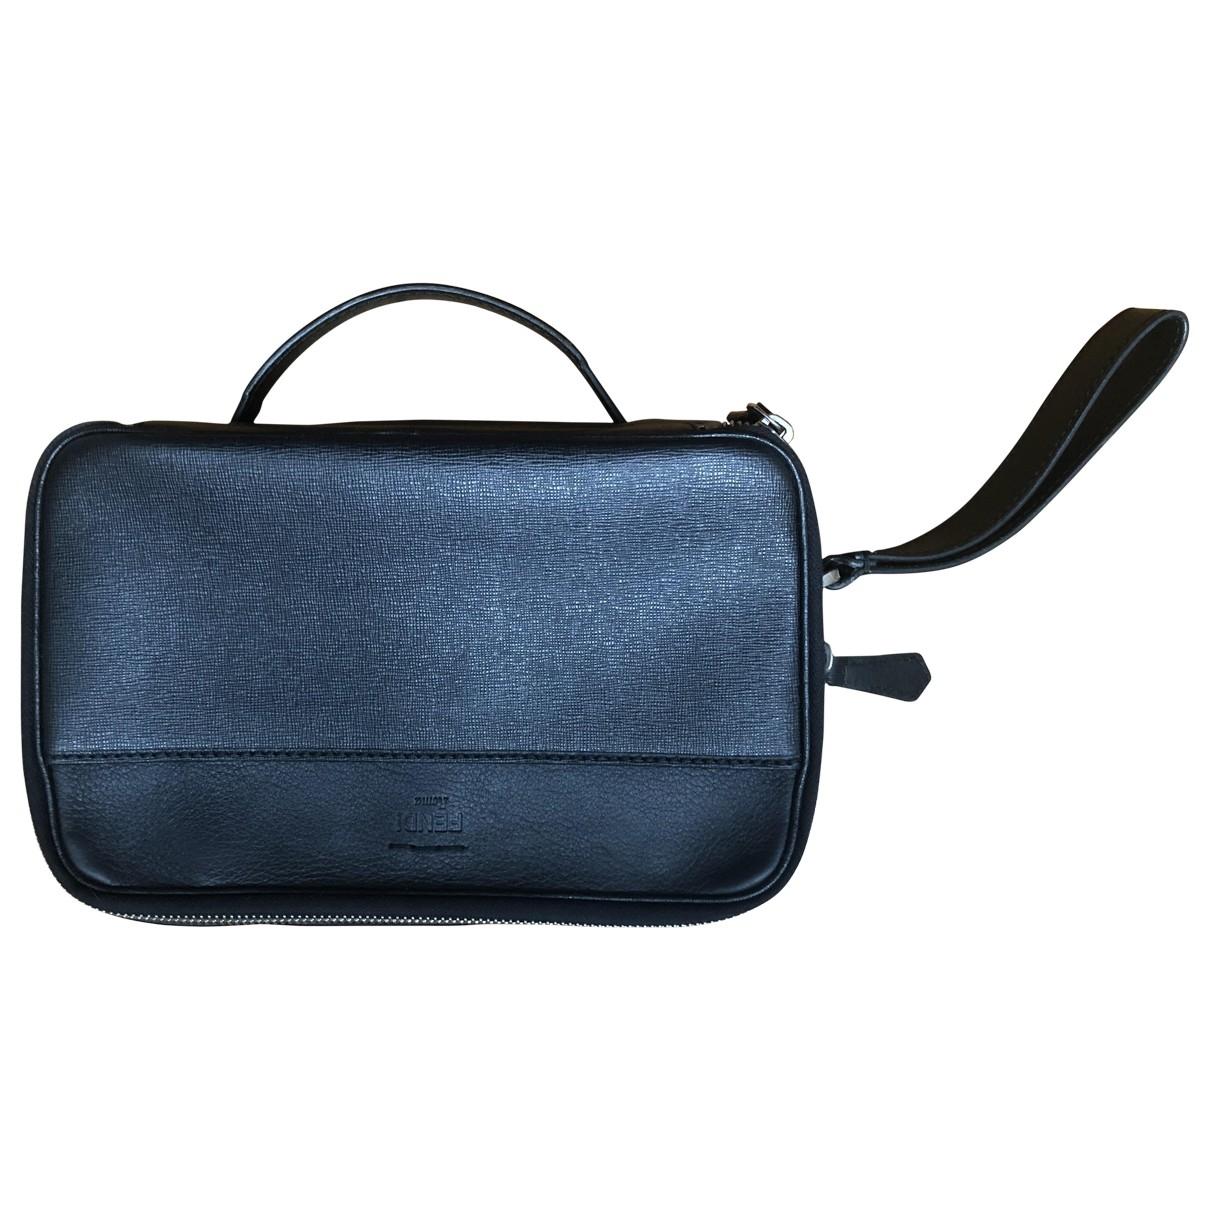 Fendi \N Black Leather bag for Men \N